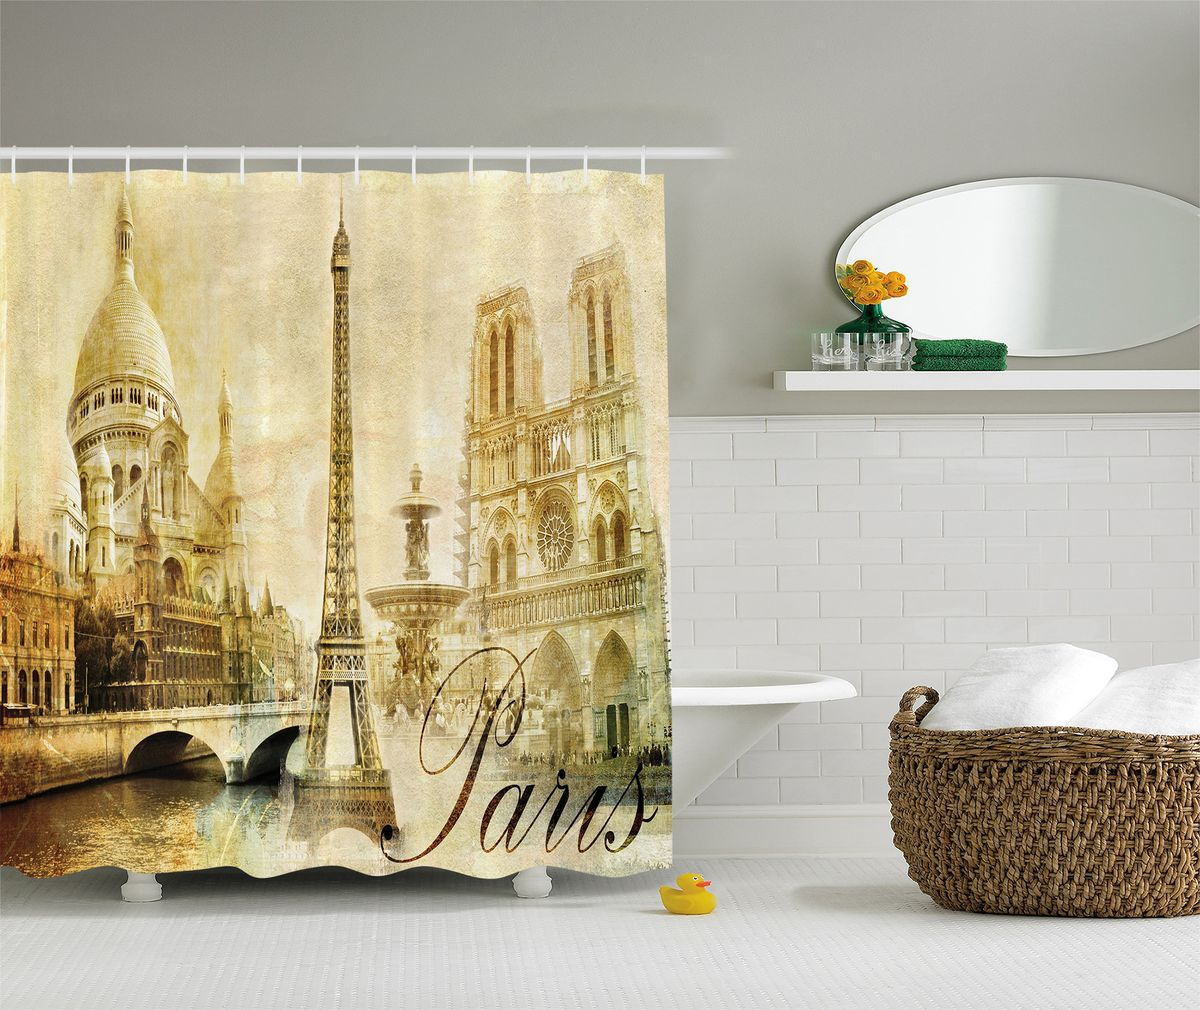 """Штора Magic Lady """"Достопримечательности Парижа"""", изготовленная из высококачественного сатена (полиэстер 100%), отлично дополнит любой интерьер ванной комнаты. При изготовлении используются специальные гипоаллергенные чернила для прямой печати по ткани, безопасные для человека.    В комплекте: 1 штора, 12 крючков. Обращаем ваше внимание, фактический цвет изделия может незначительно отличаться от представленного на фото."""